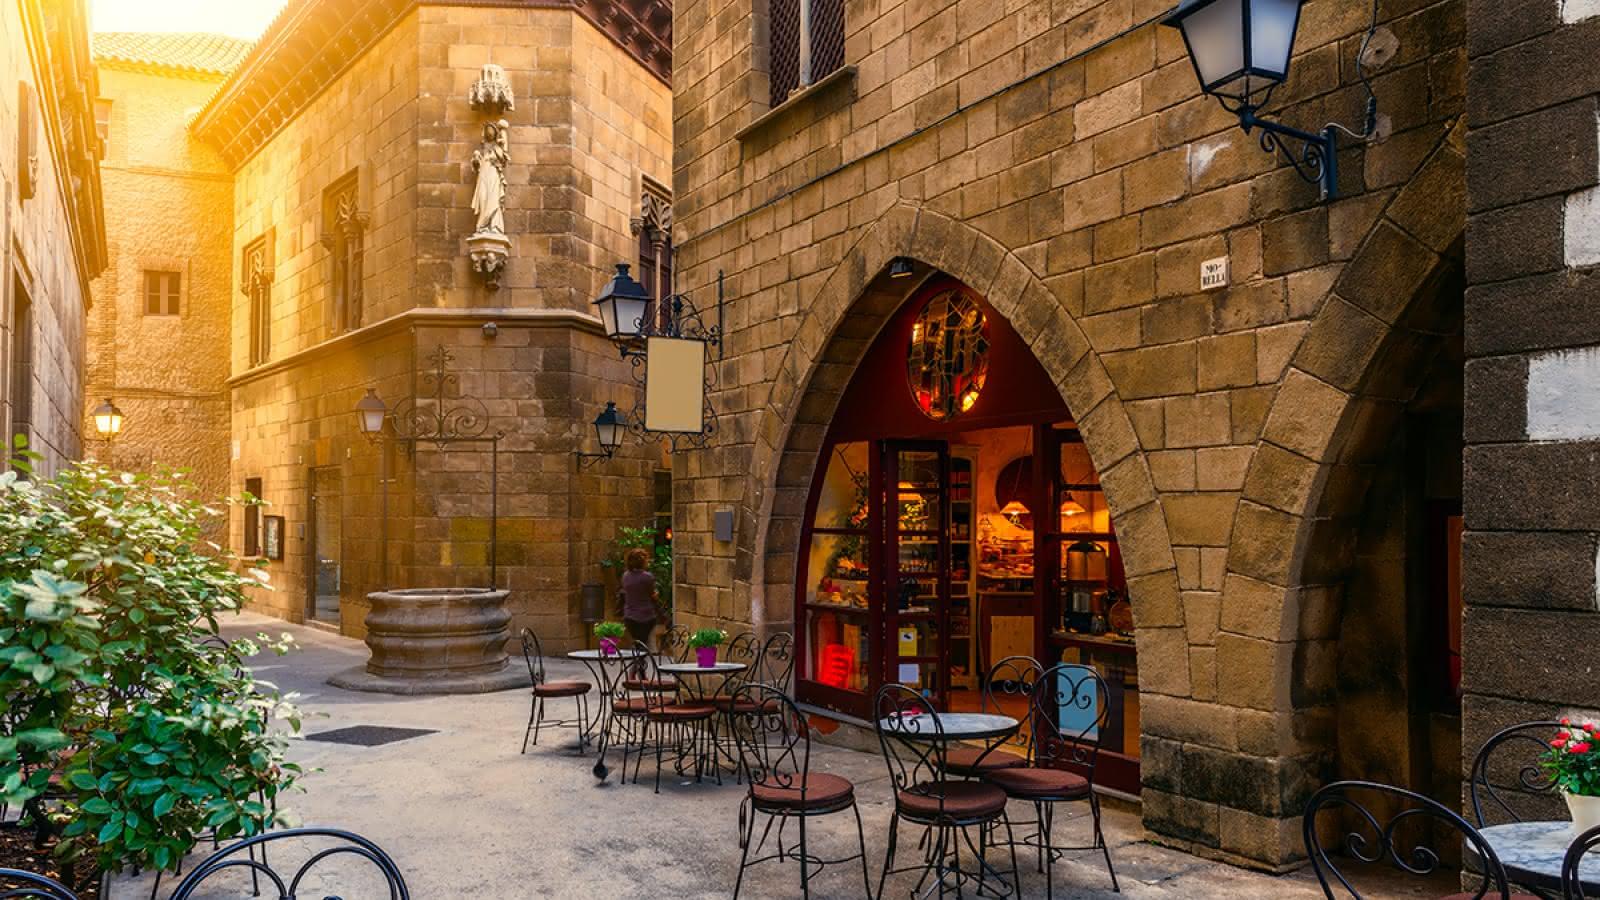 Barcelona GEN 1